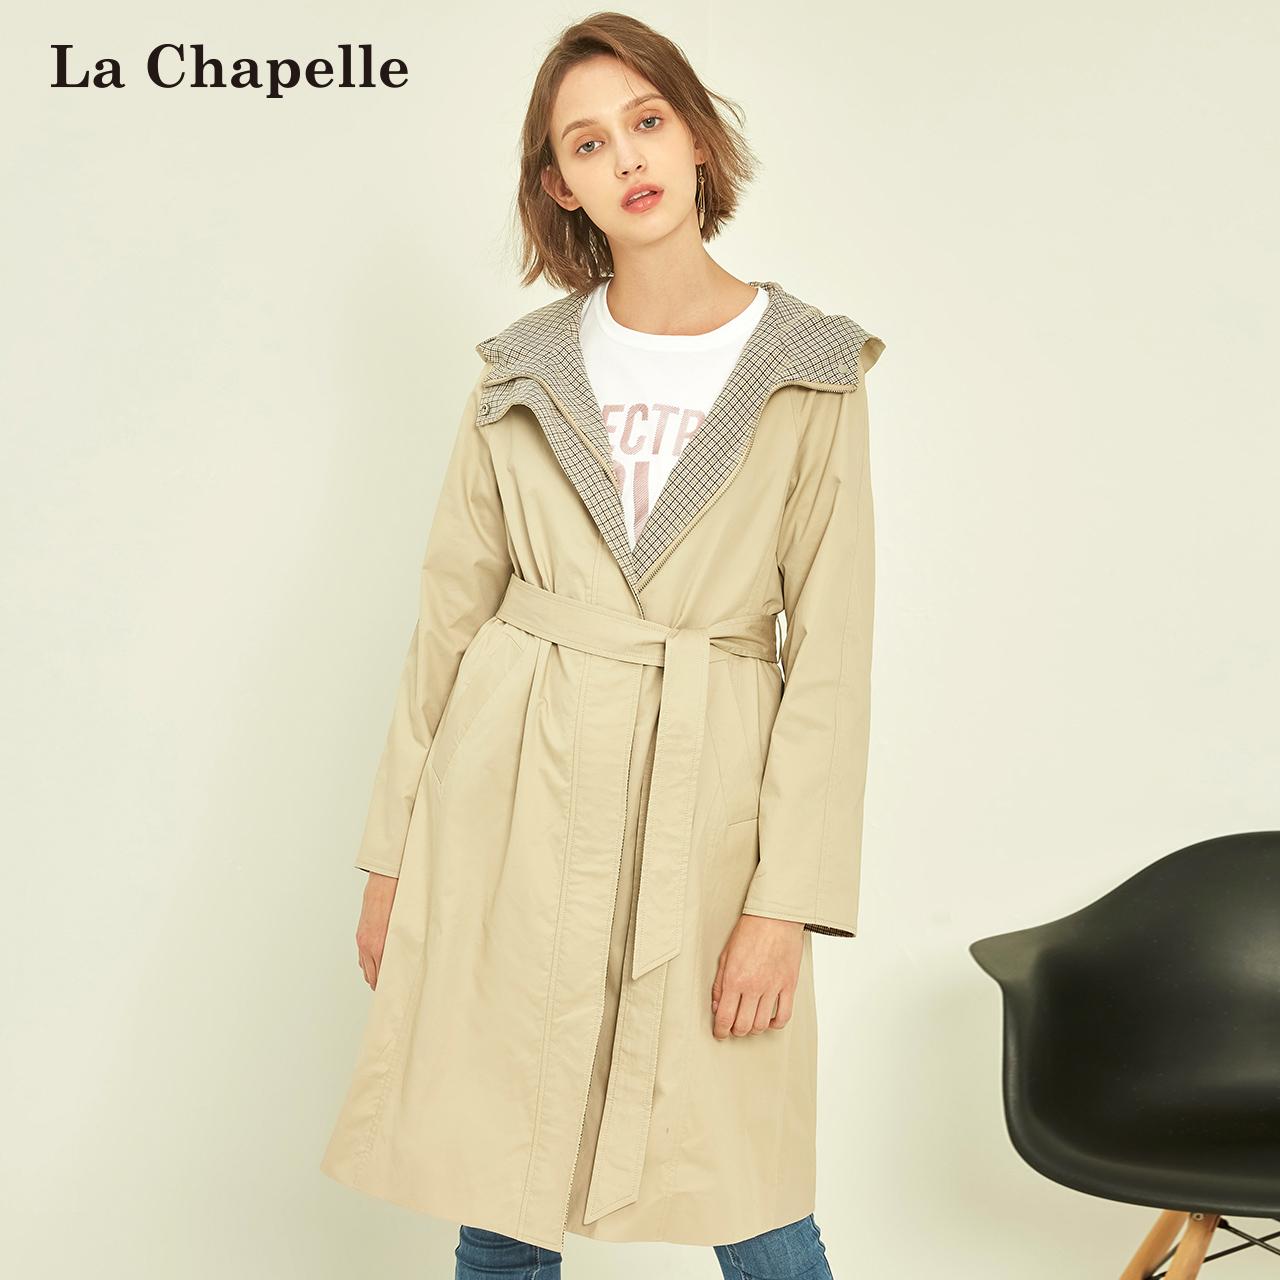 风衣女士2018秋季新款春韩版连帽收腰修身显瘦外衣长袖中长款外套